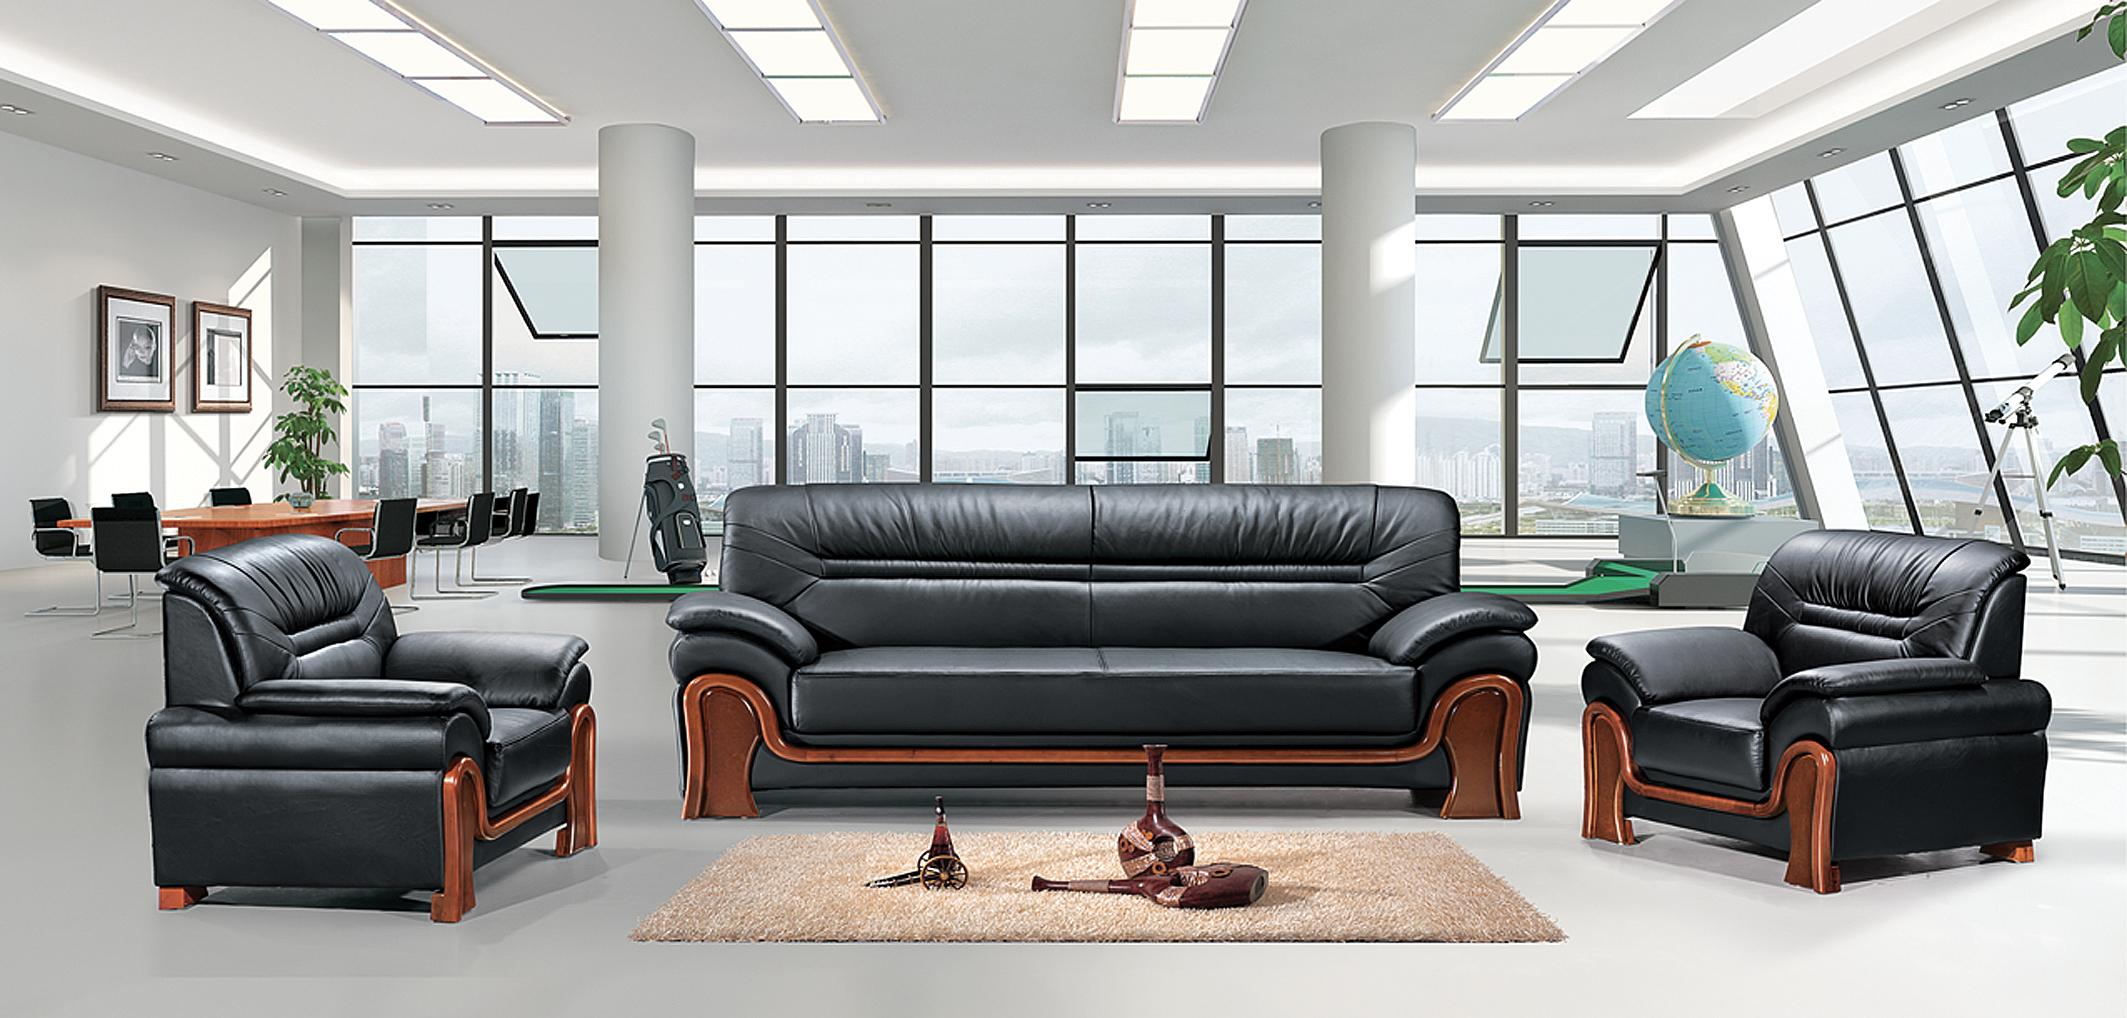 宜昌十堰公司接待沙发皮面沙发接待沙发款式牛皮沙发价格襄阳沙发厂